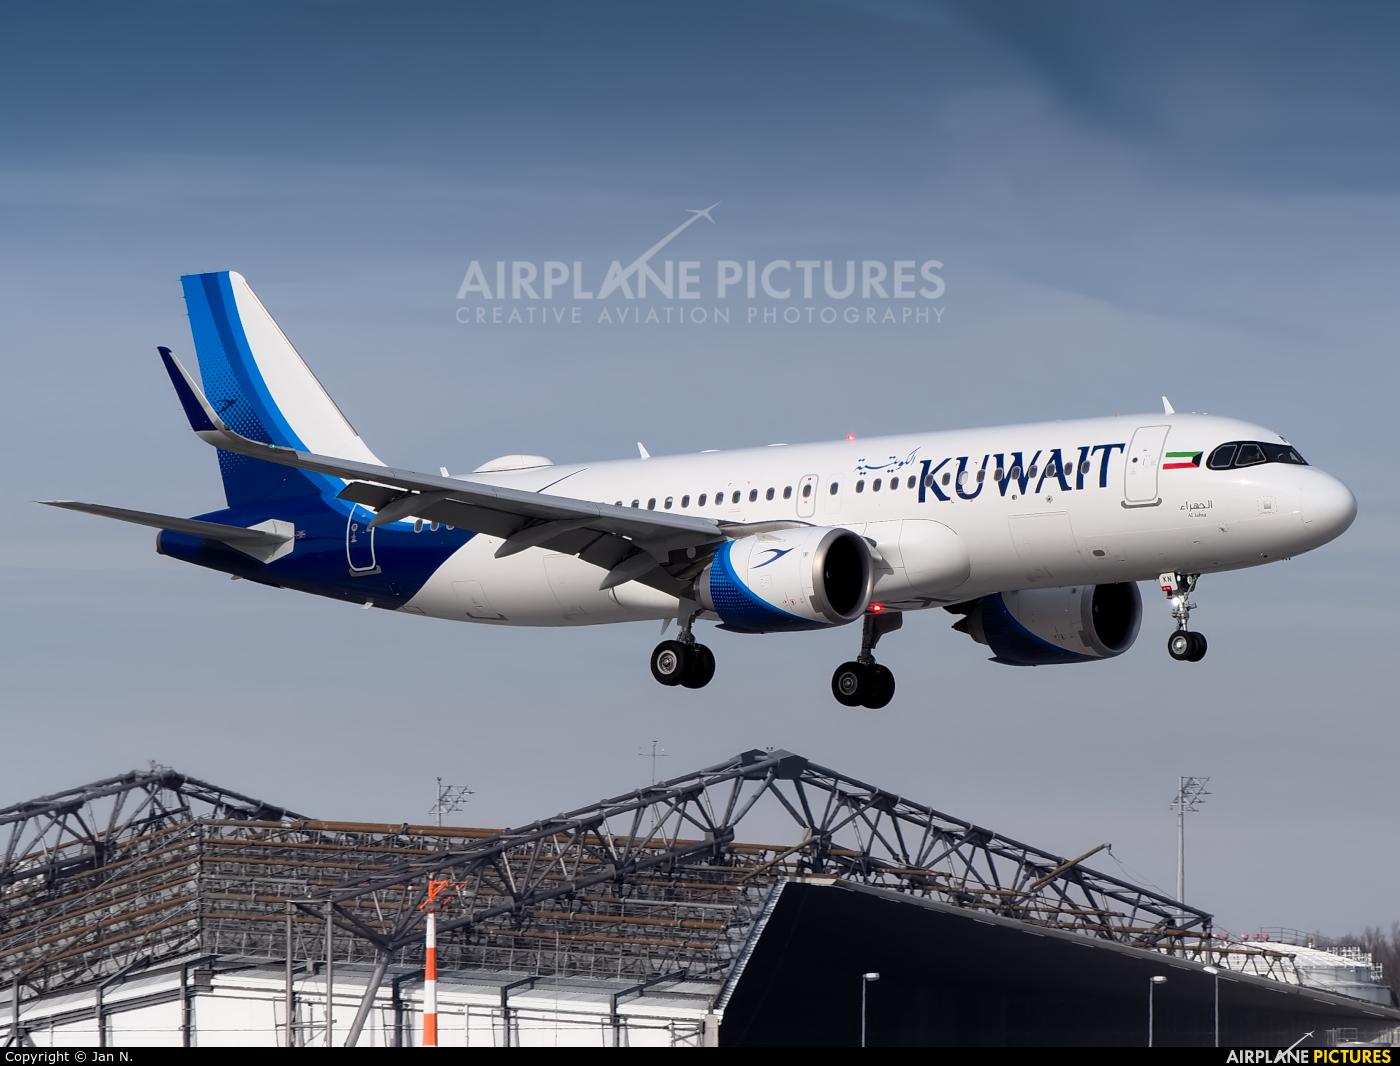 Kuwait Airways 9K-AKN aircraft at Munich